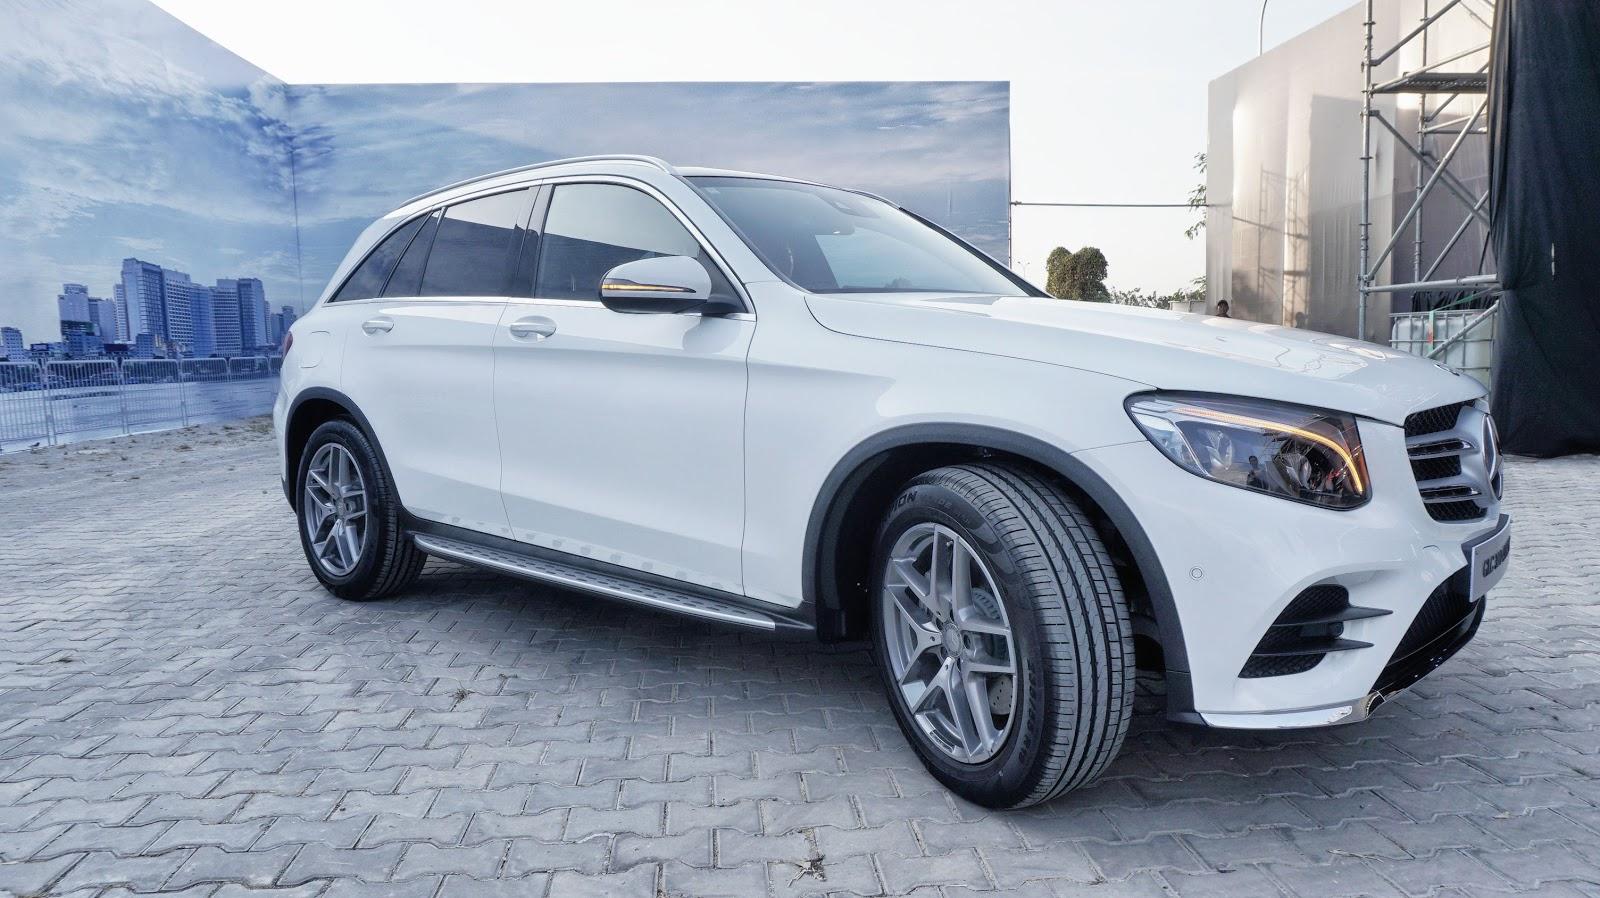 Mercedes-Benz GLC 300 4Matic quá nhiều tính năng an toàn, hiện đại, giải trí đỉnh cao, offroad tốt, giá chỉ từ 1,9 tỷ đồng, giá cực tốt